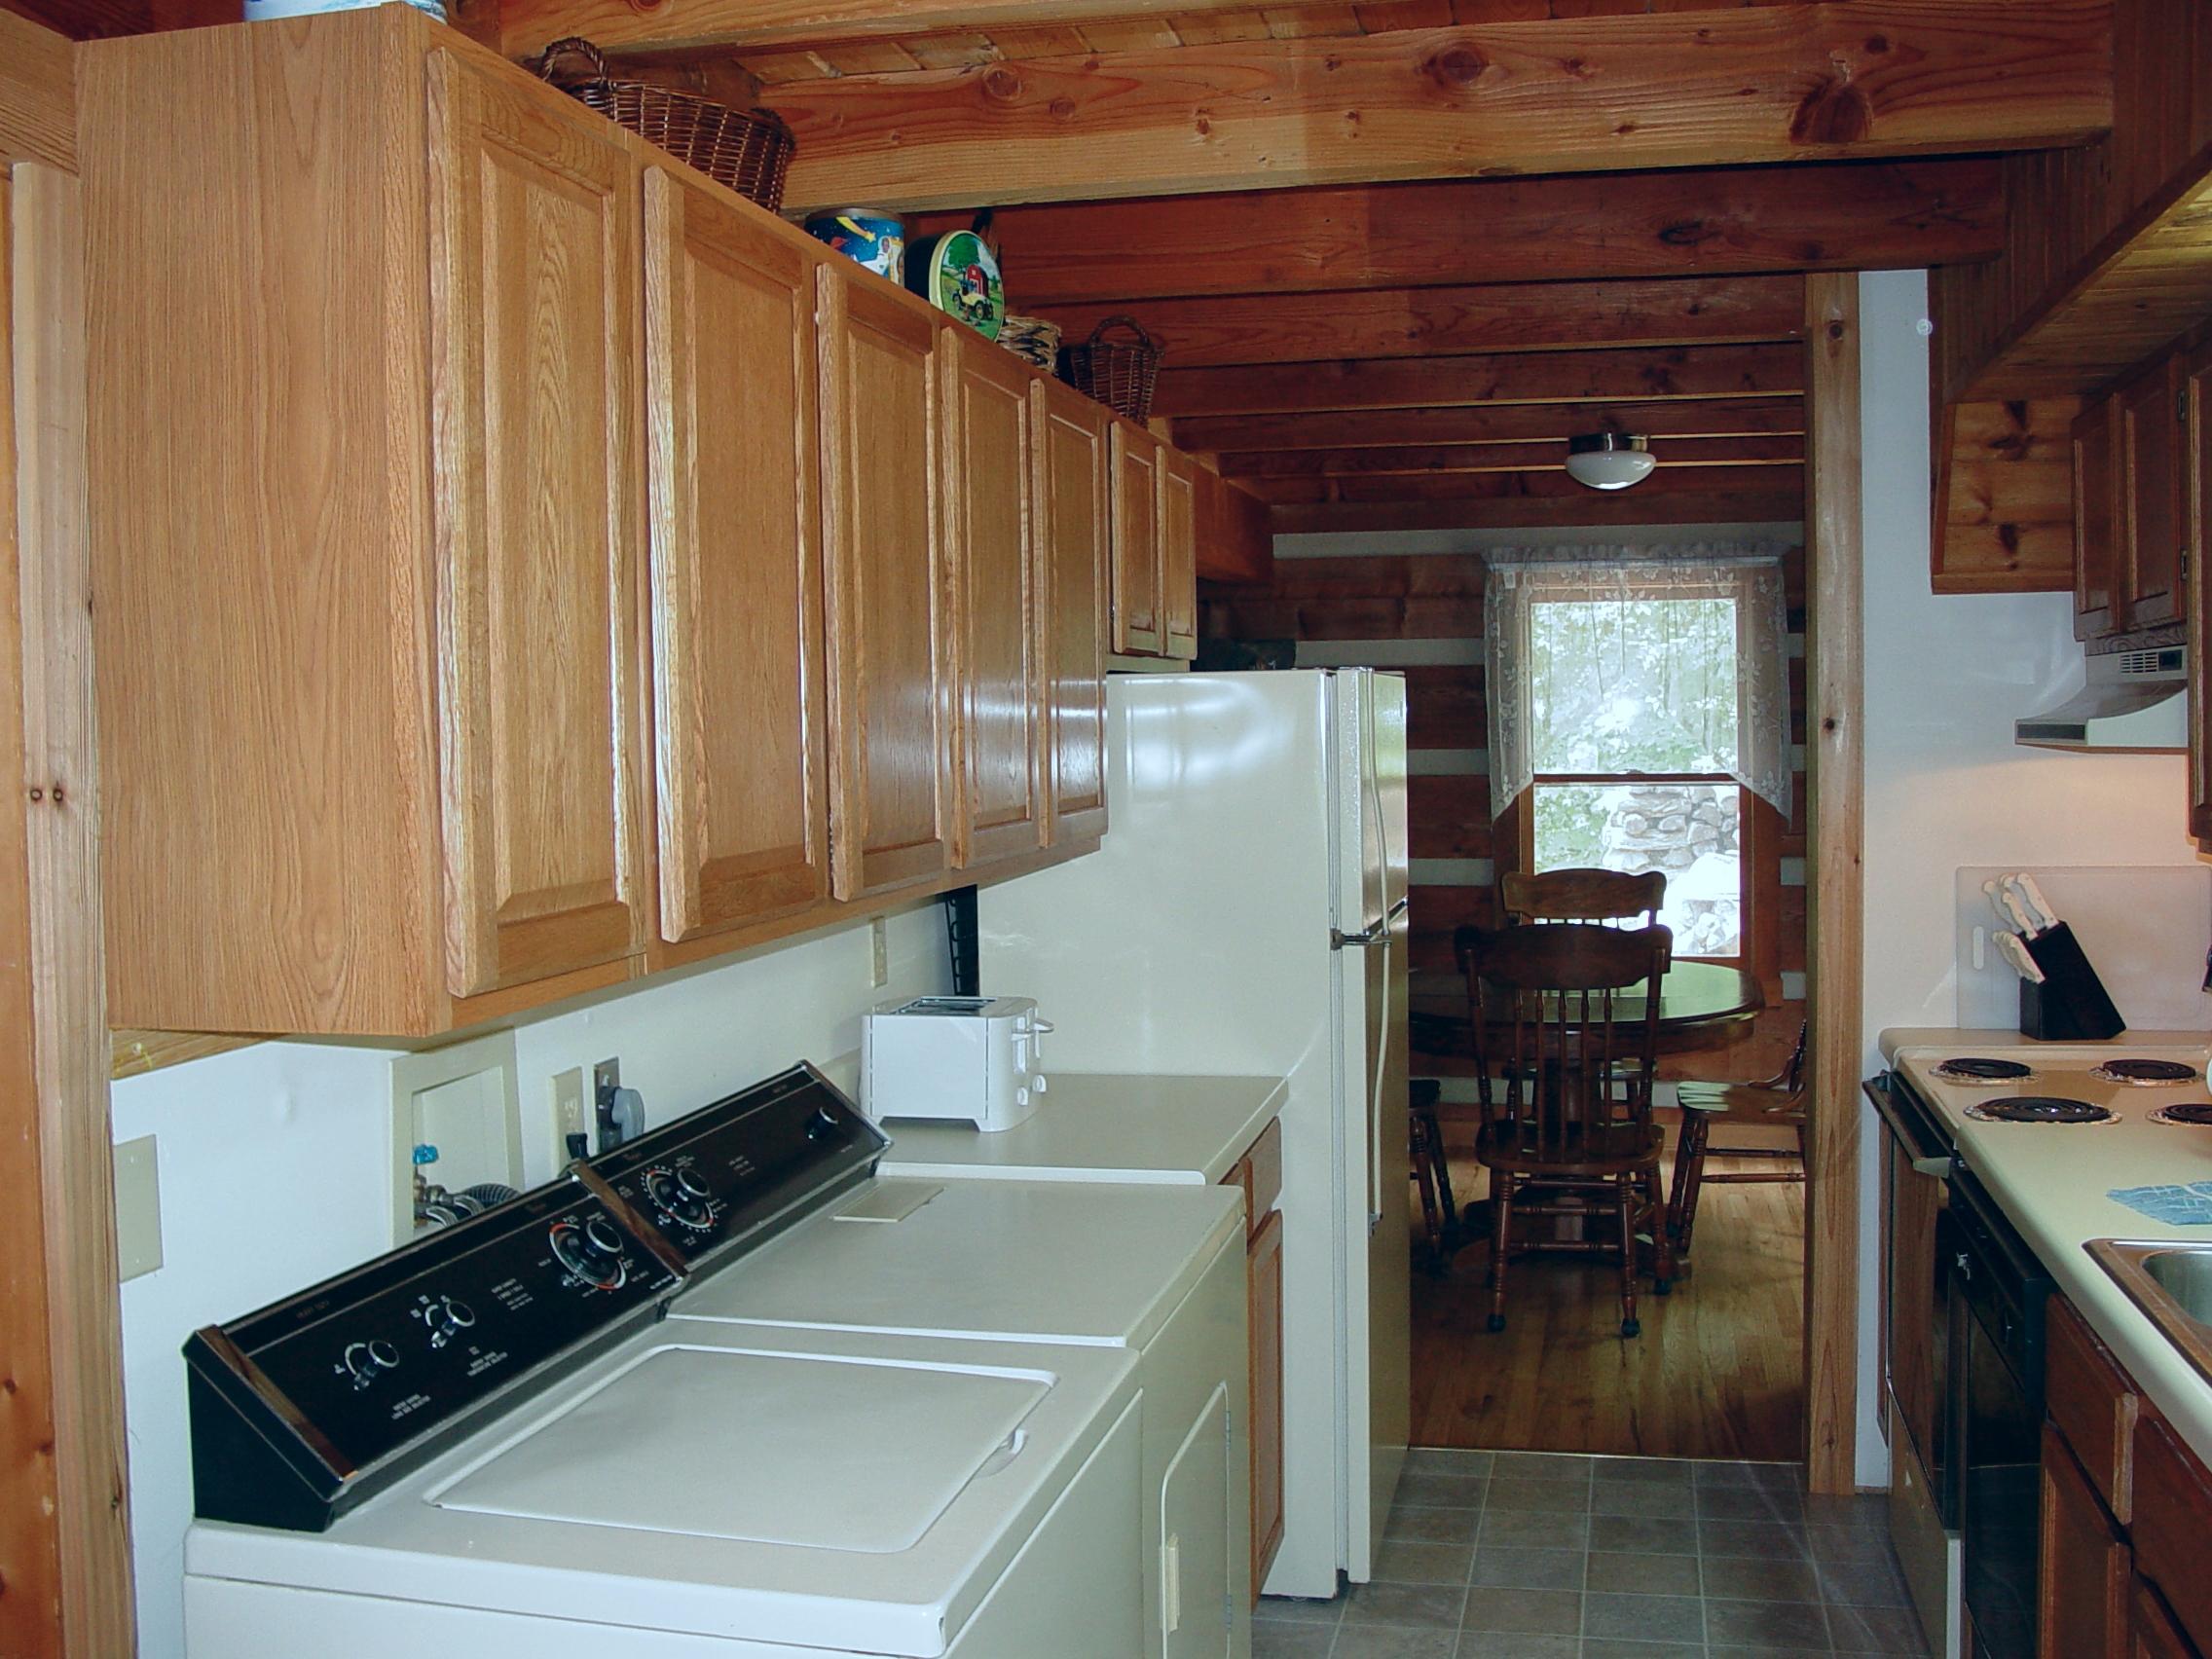 B_H_ Kitchen_08.14.05_036.jpg